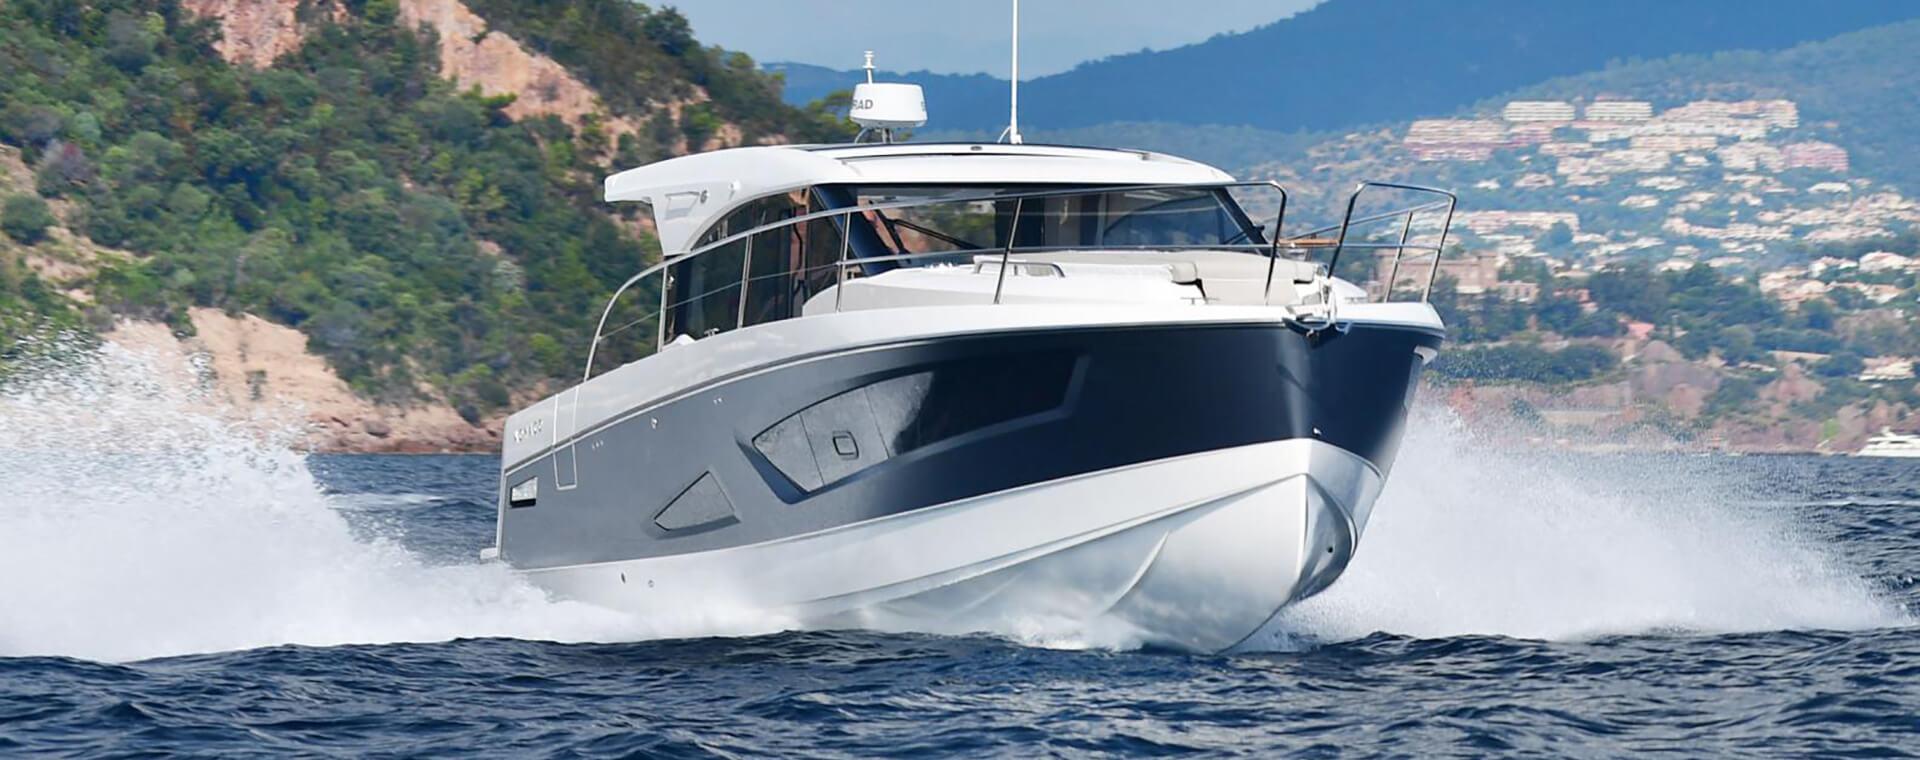 Bateau Parker modèle :  Monaco 110